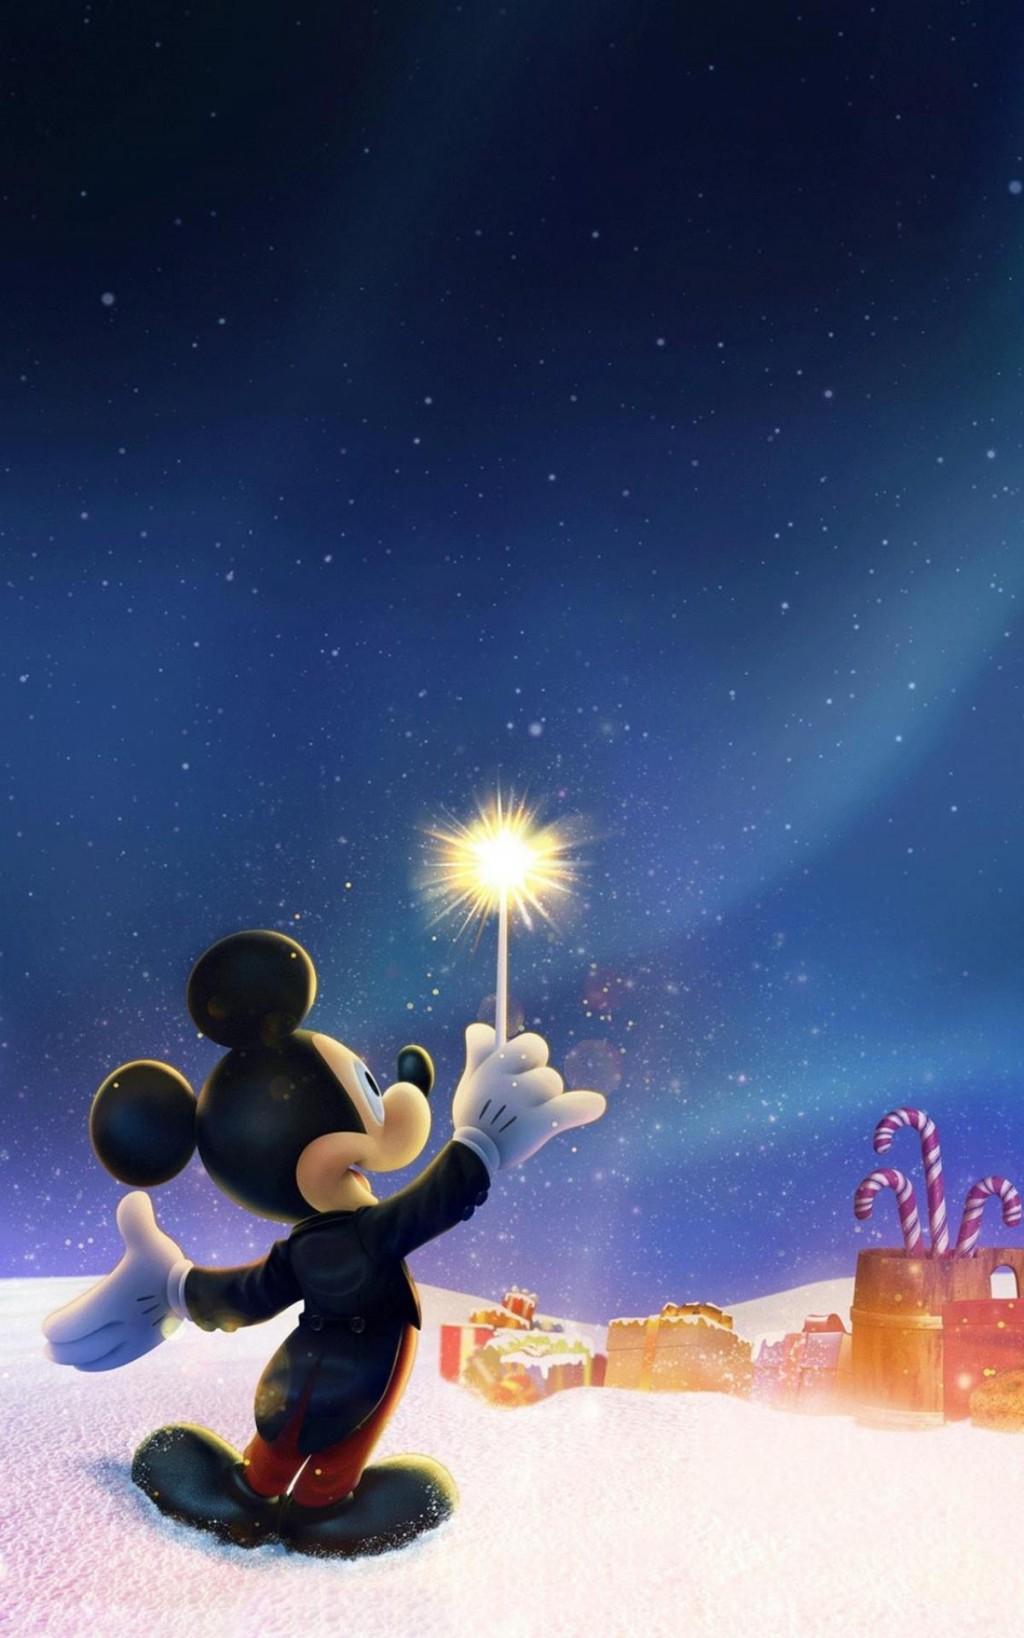 上海迪士尼动漫米老鼠图片